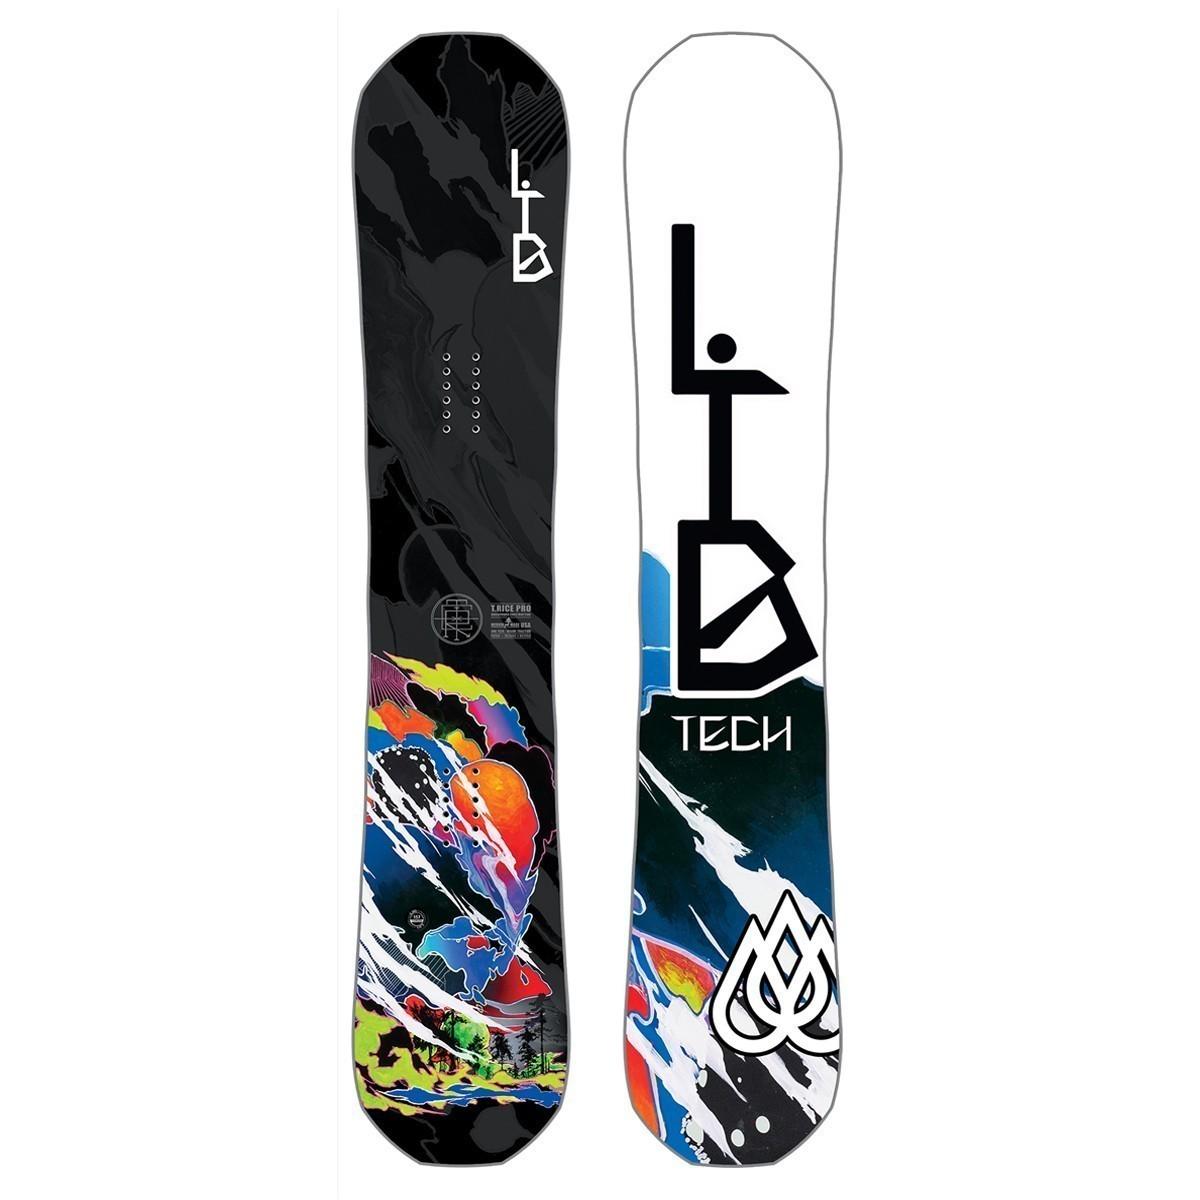 Лучшие сноуборды для фрирайда сезона 17 18 1446578703c